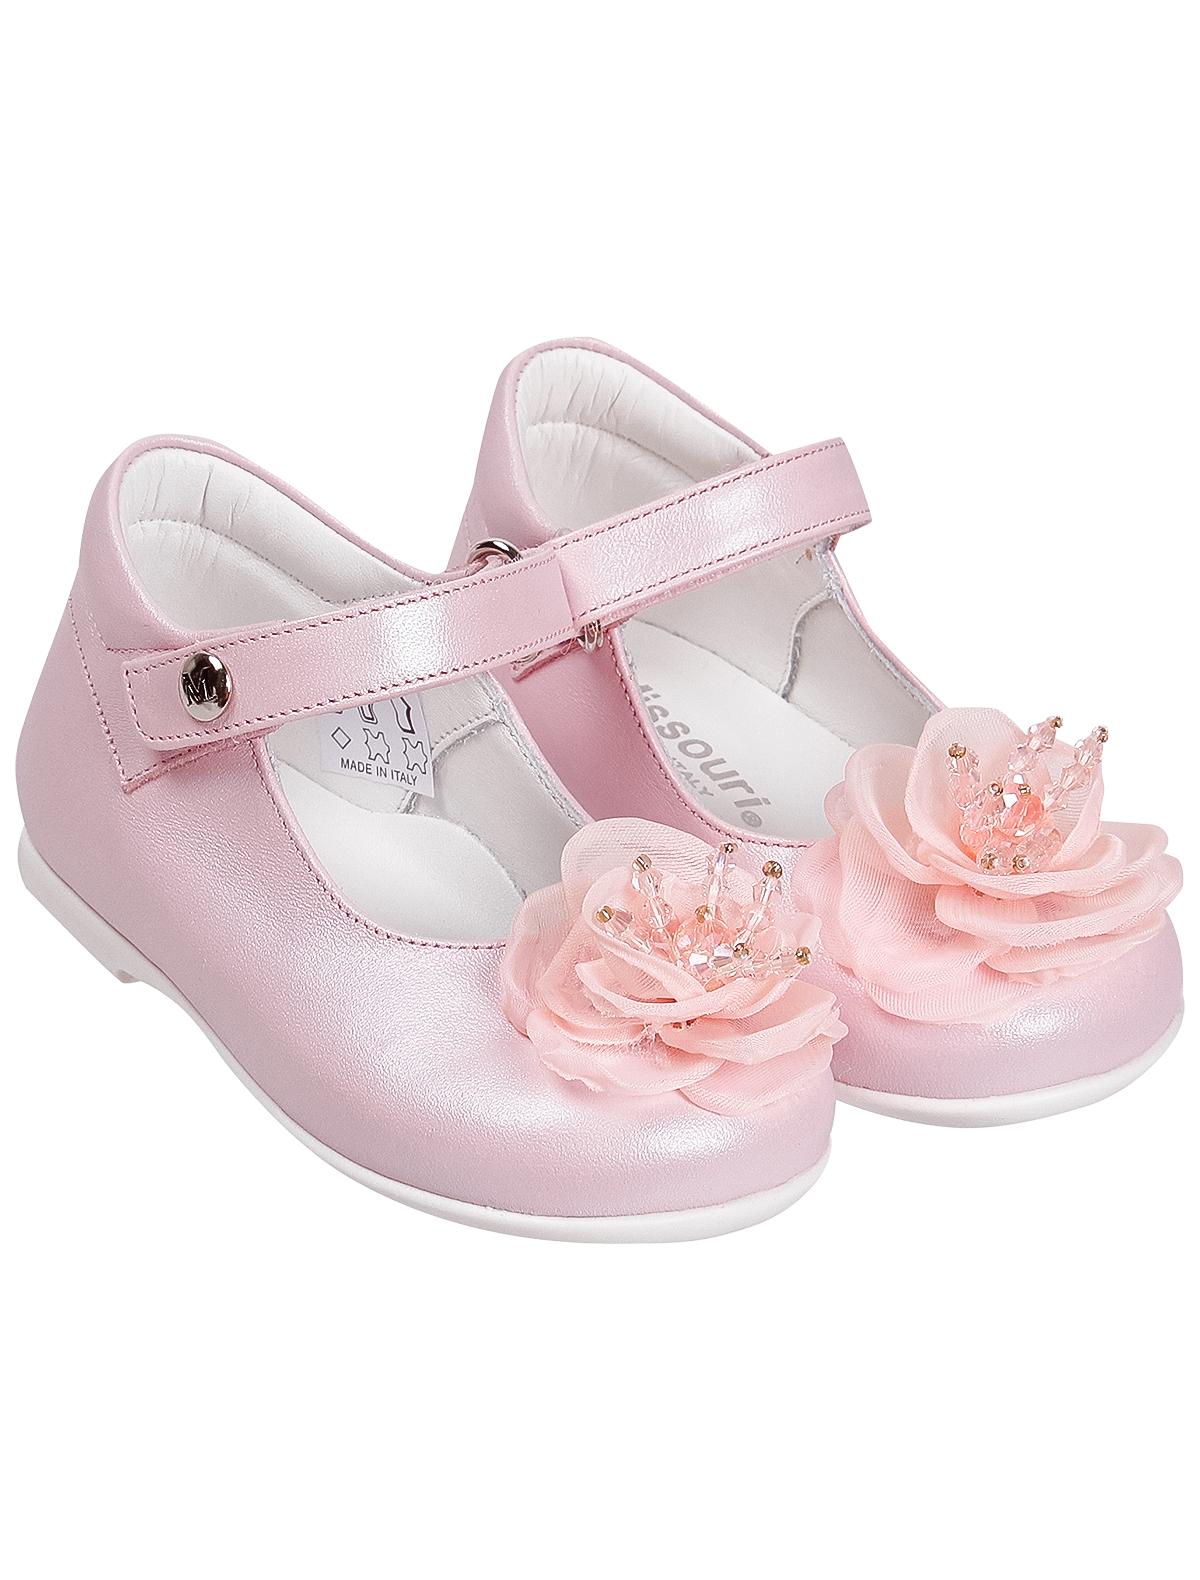 Купить 1961716, Туфли Missouri, розовый, Женский, 2012609970095